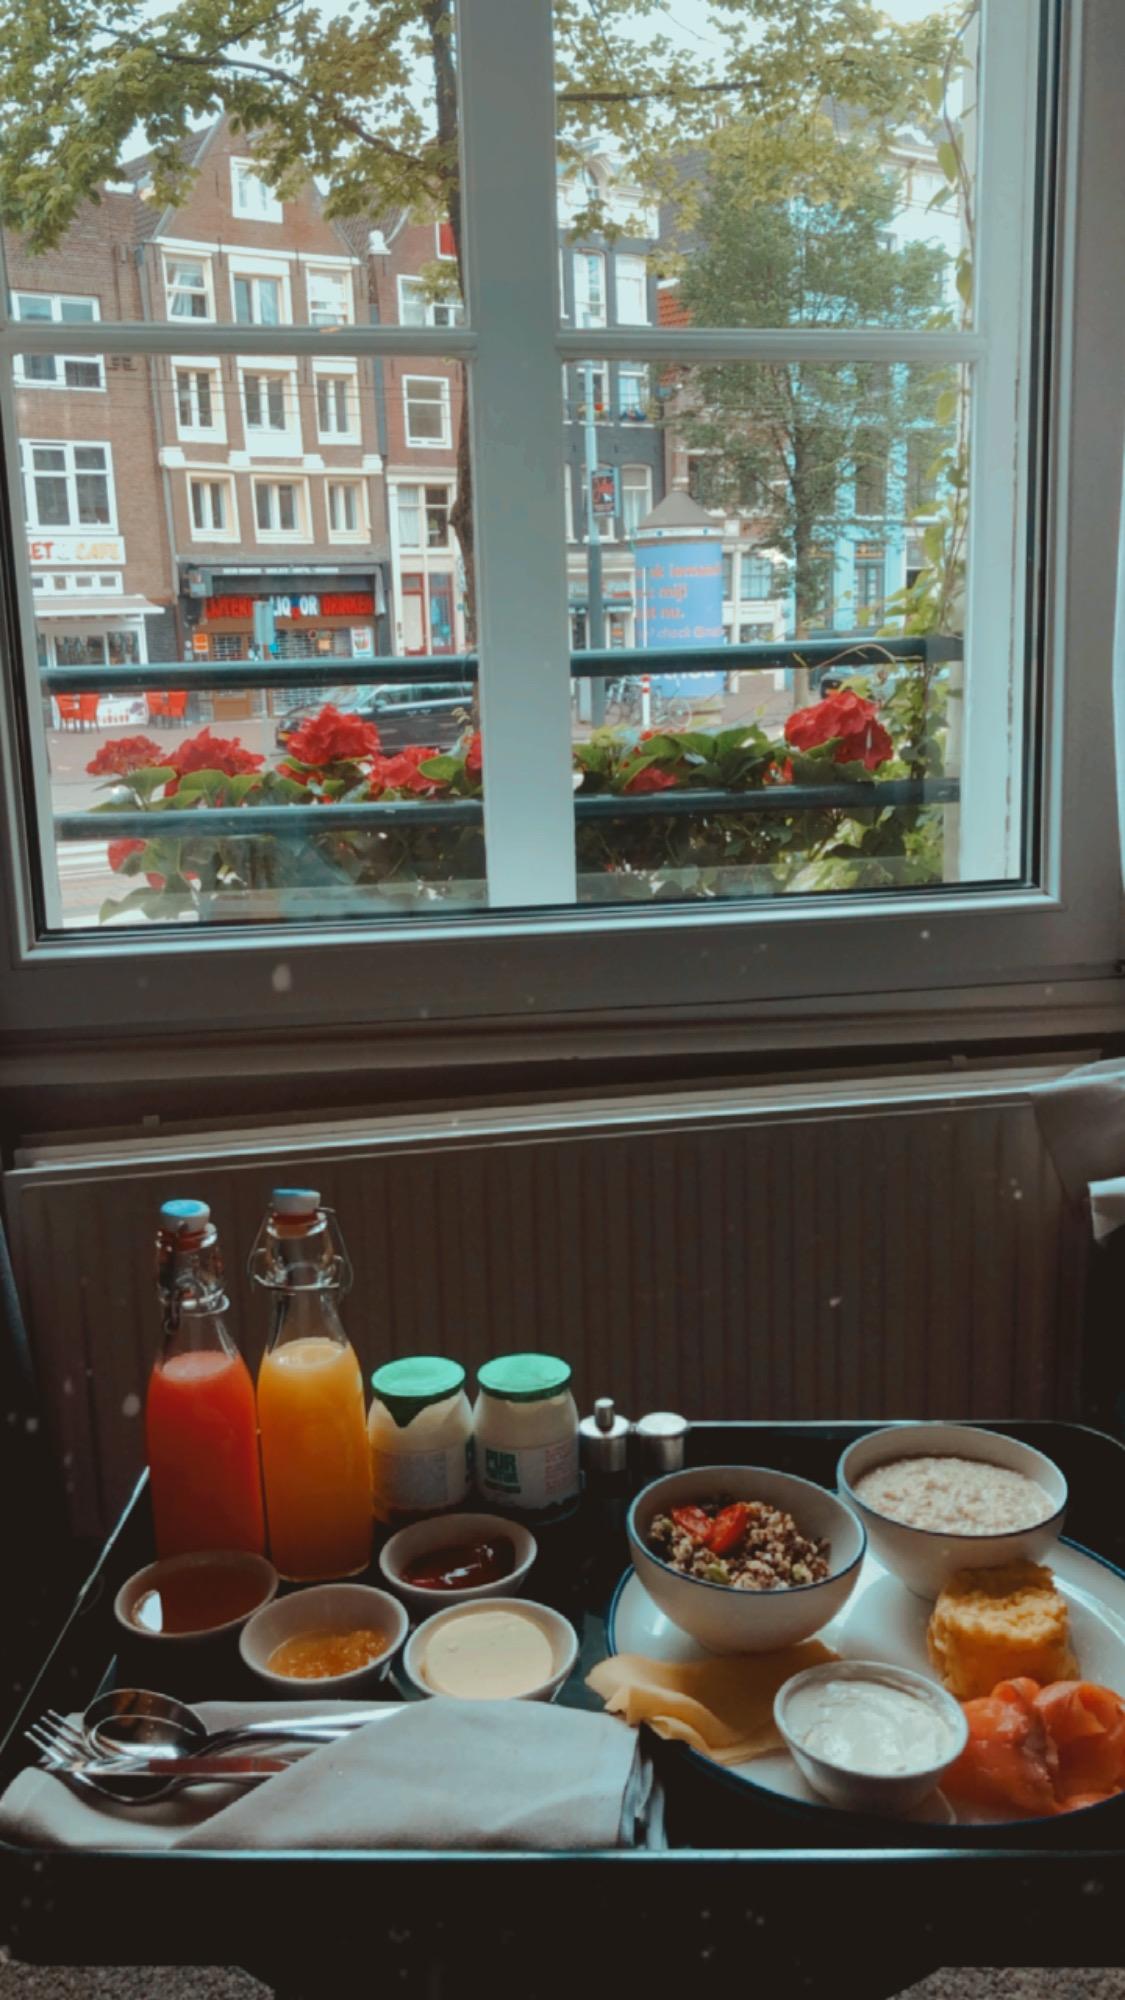 staycation in amsterdam - staycation nederland - weekend trips nederland - vakantie in eigen land 2020 - reizen in nederland - leuke hotels amsterdam - staycation corona - staycation amsterdam